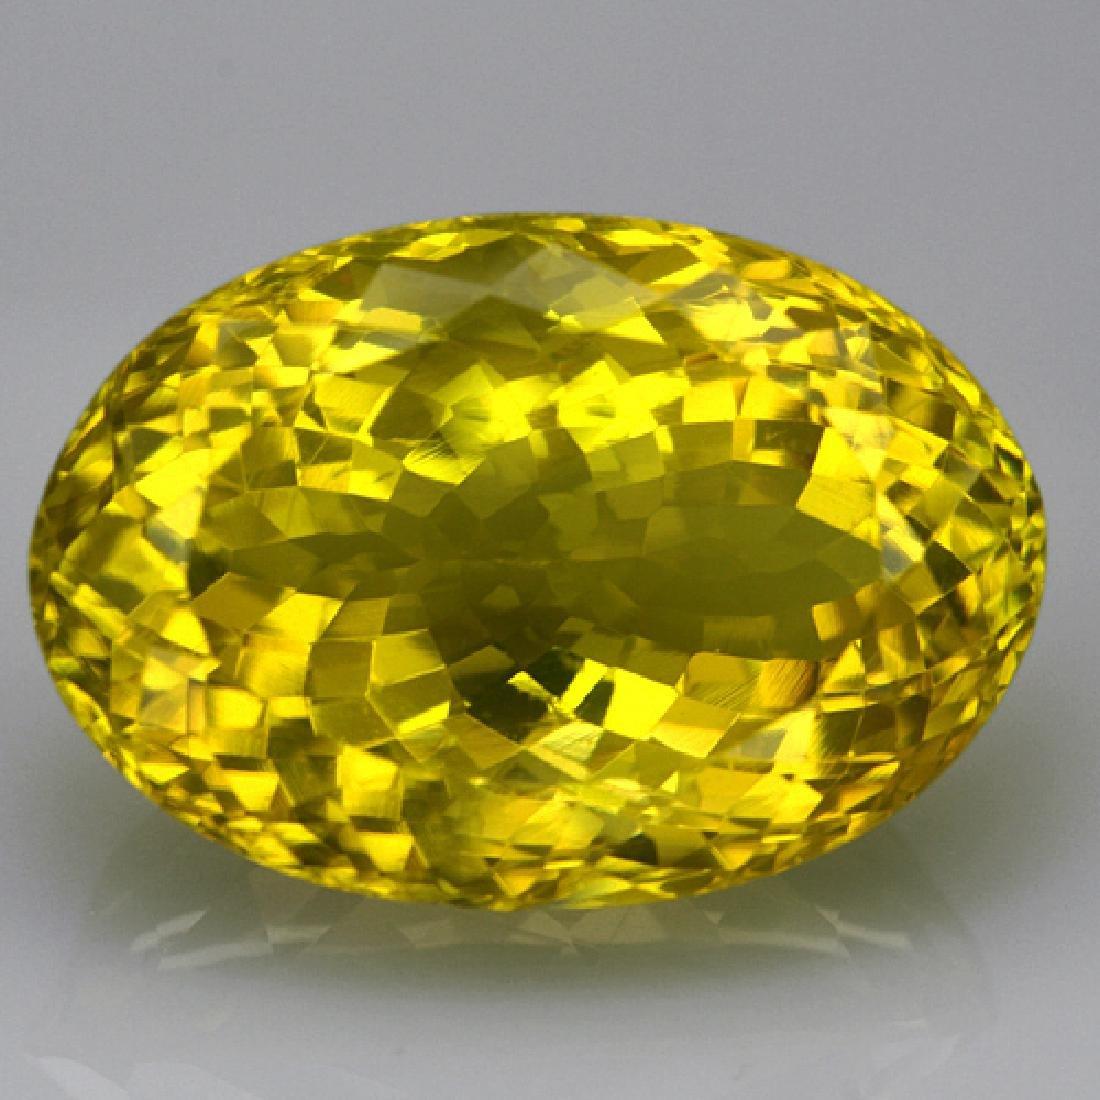 Natural Lemon Citrine Gemstone 57.05 Carats - VVS